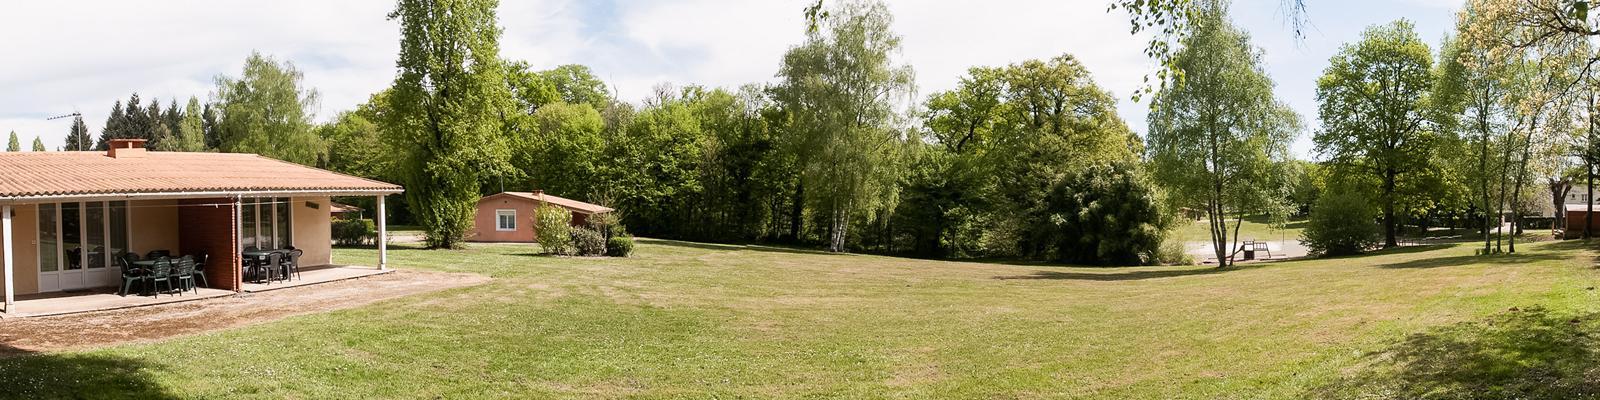 Village vacances en Deux-Sèvres